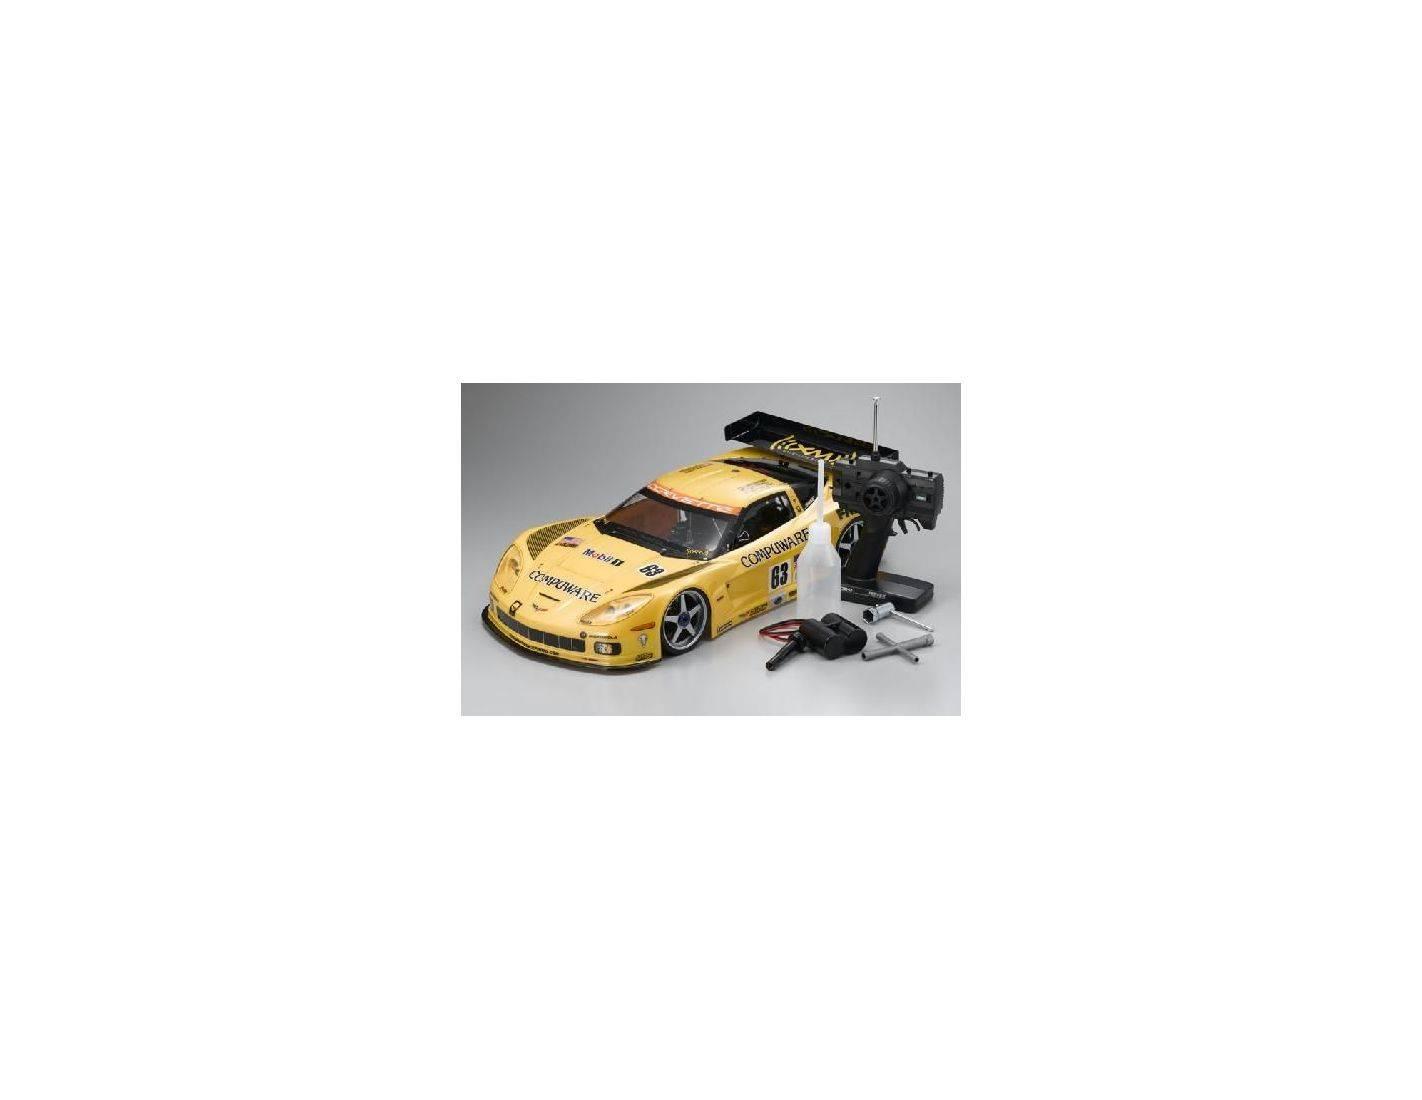 Kyosho 31816 Chevrolette Corvette Inferno GT2 C6-R 1:8 R/C 2 VELOCITA' Modellino